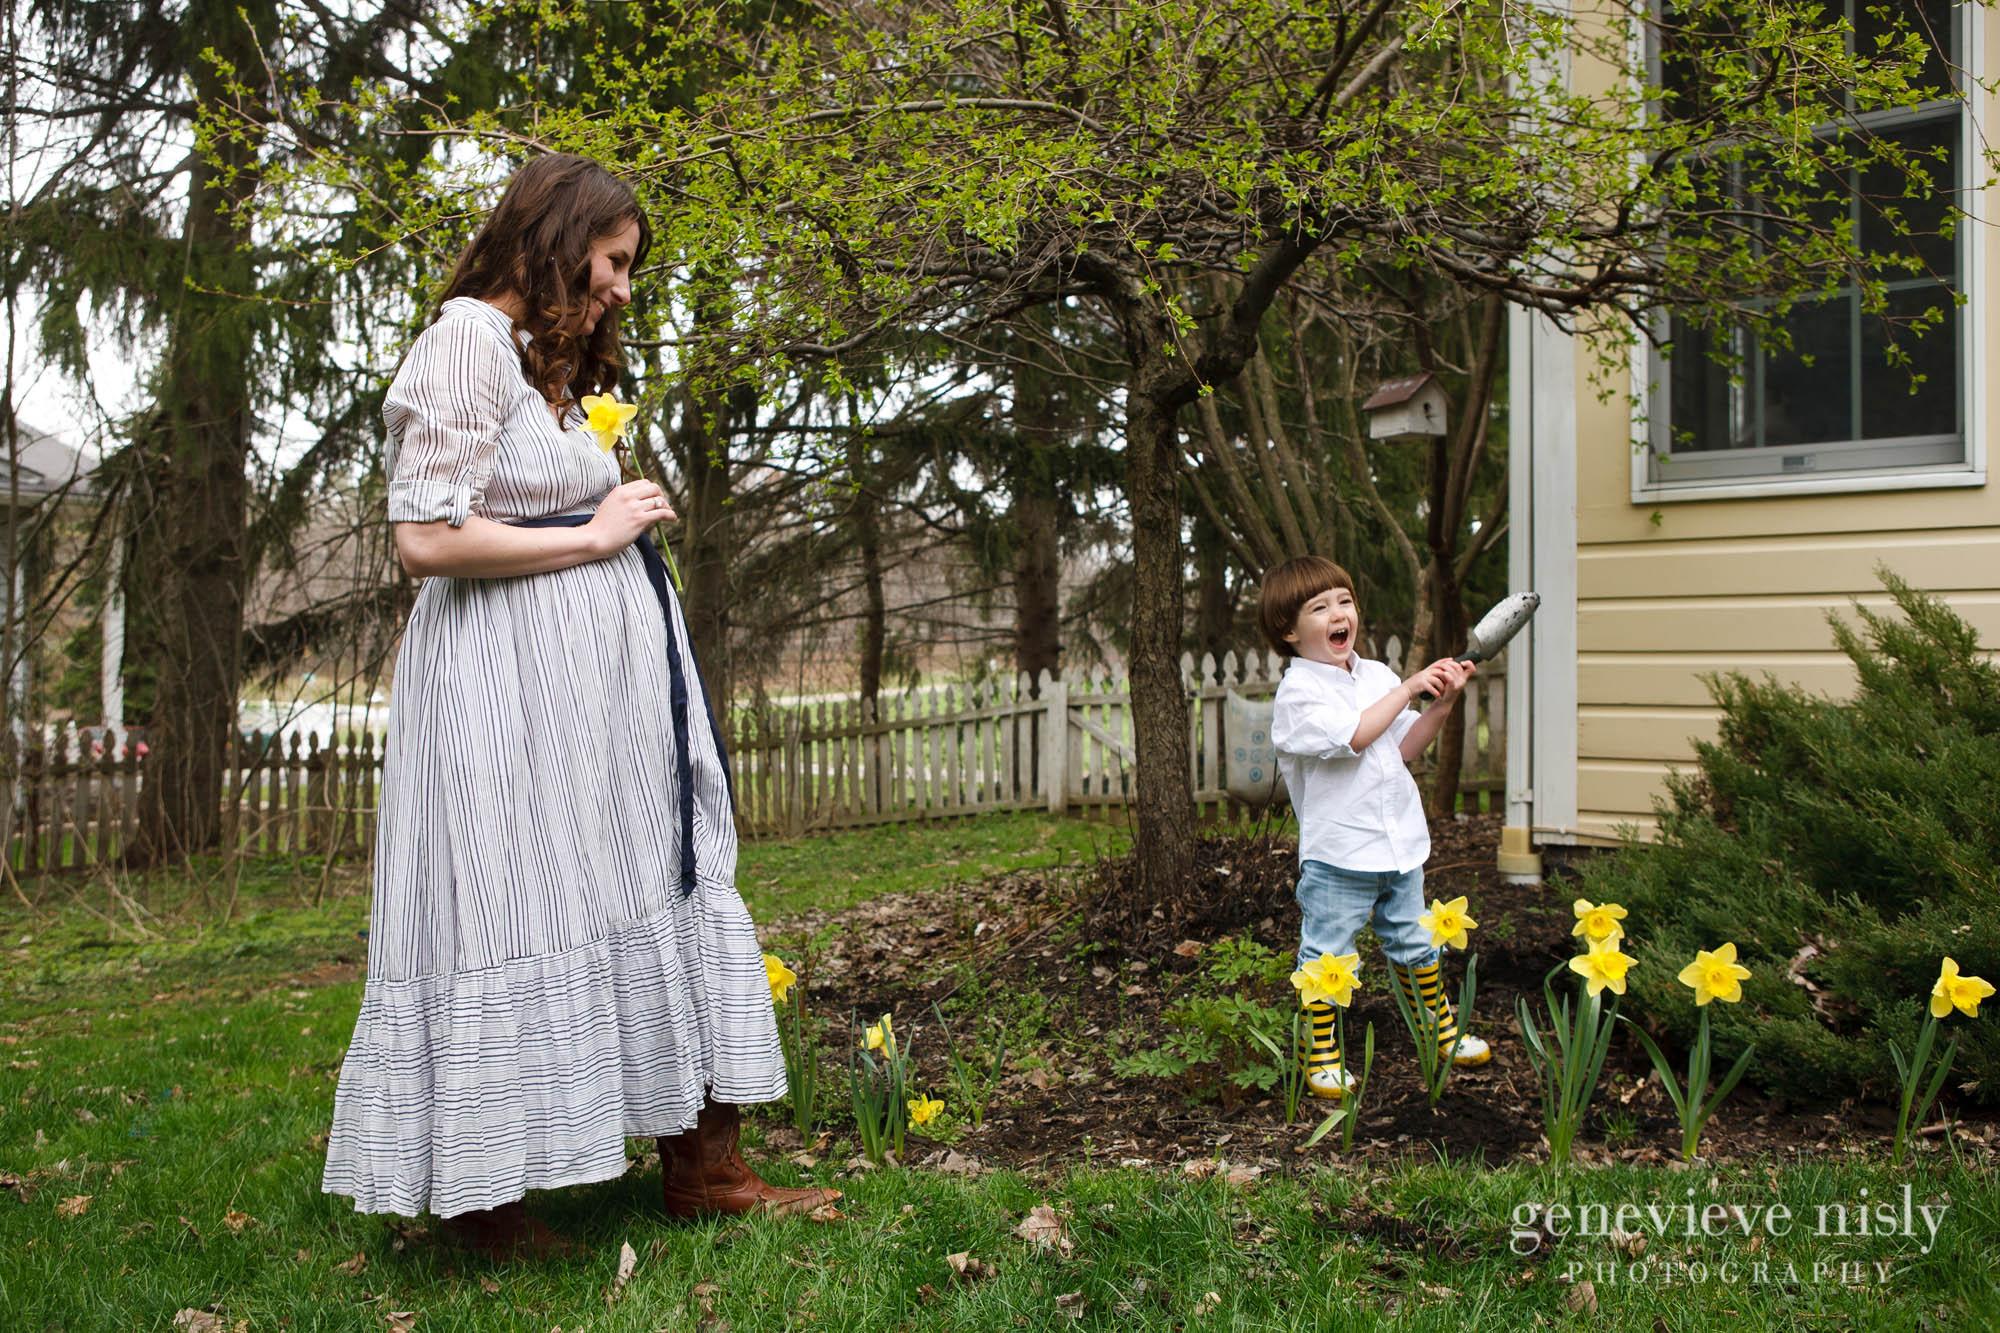 caitlin-003-canton-maternity-portrait-photographer-genevieve-nisly-photography